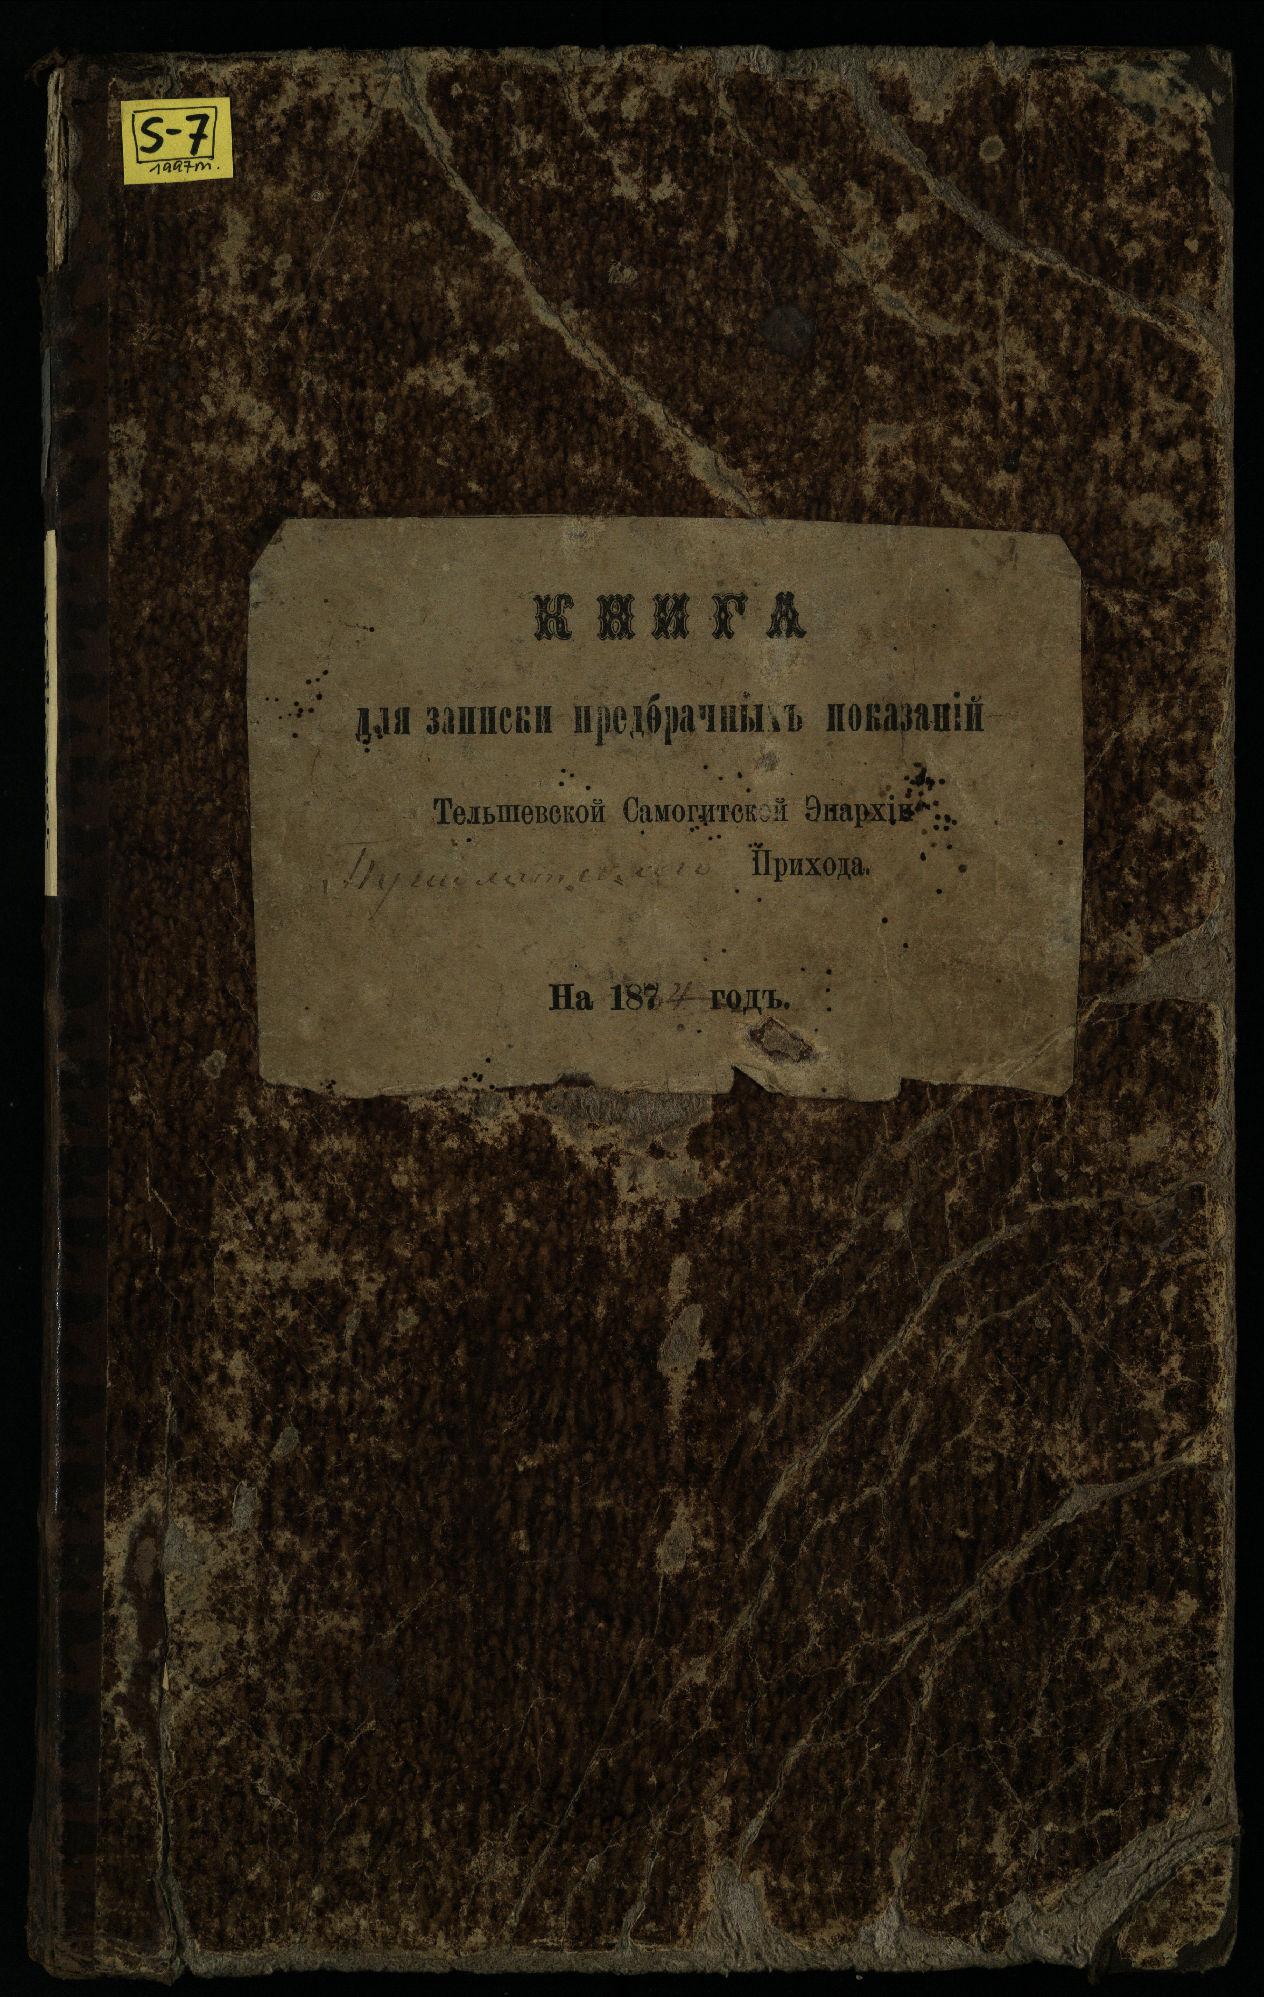 Pušaloto Romos katalikų parapijos bažnyčios 1885–1891 metų priešjungtuvinės apklausos knyga